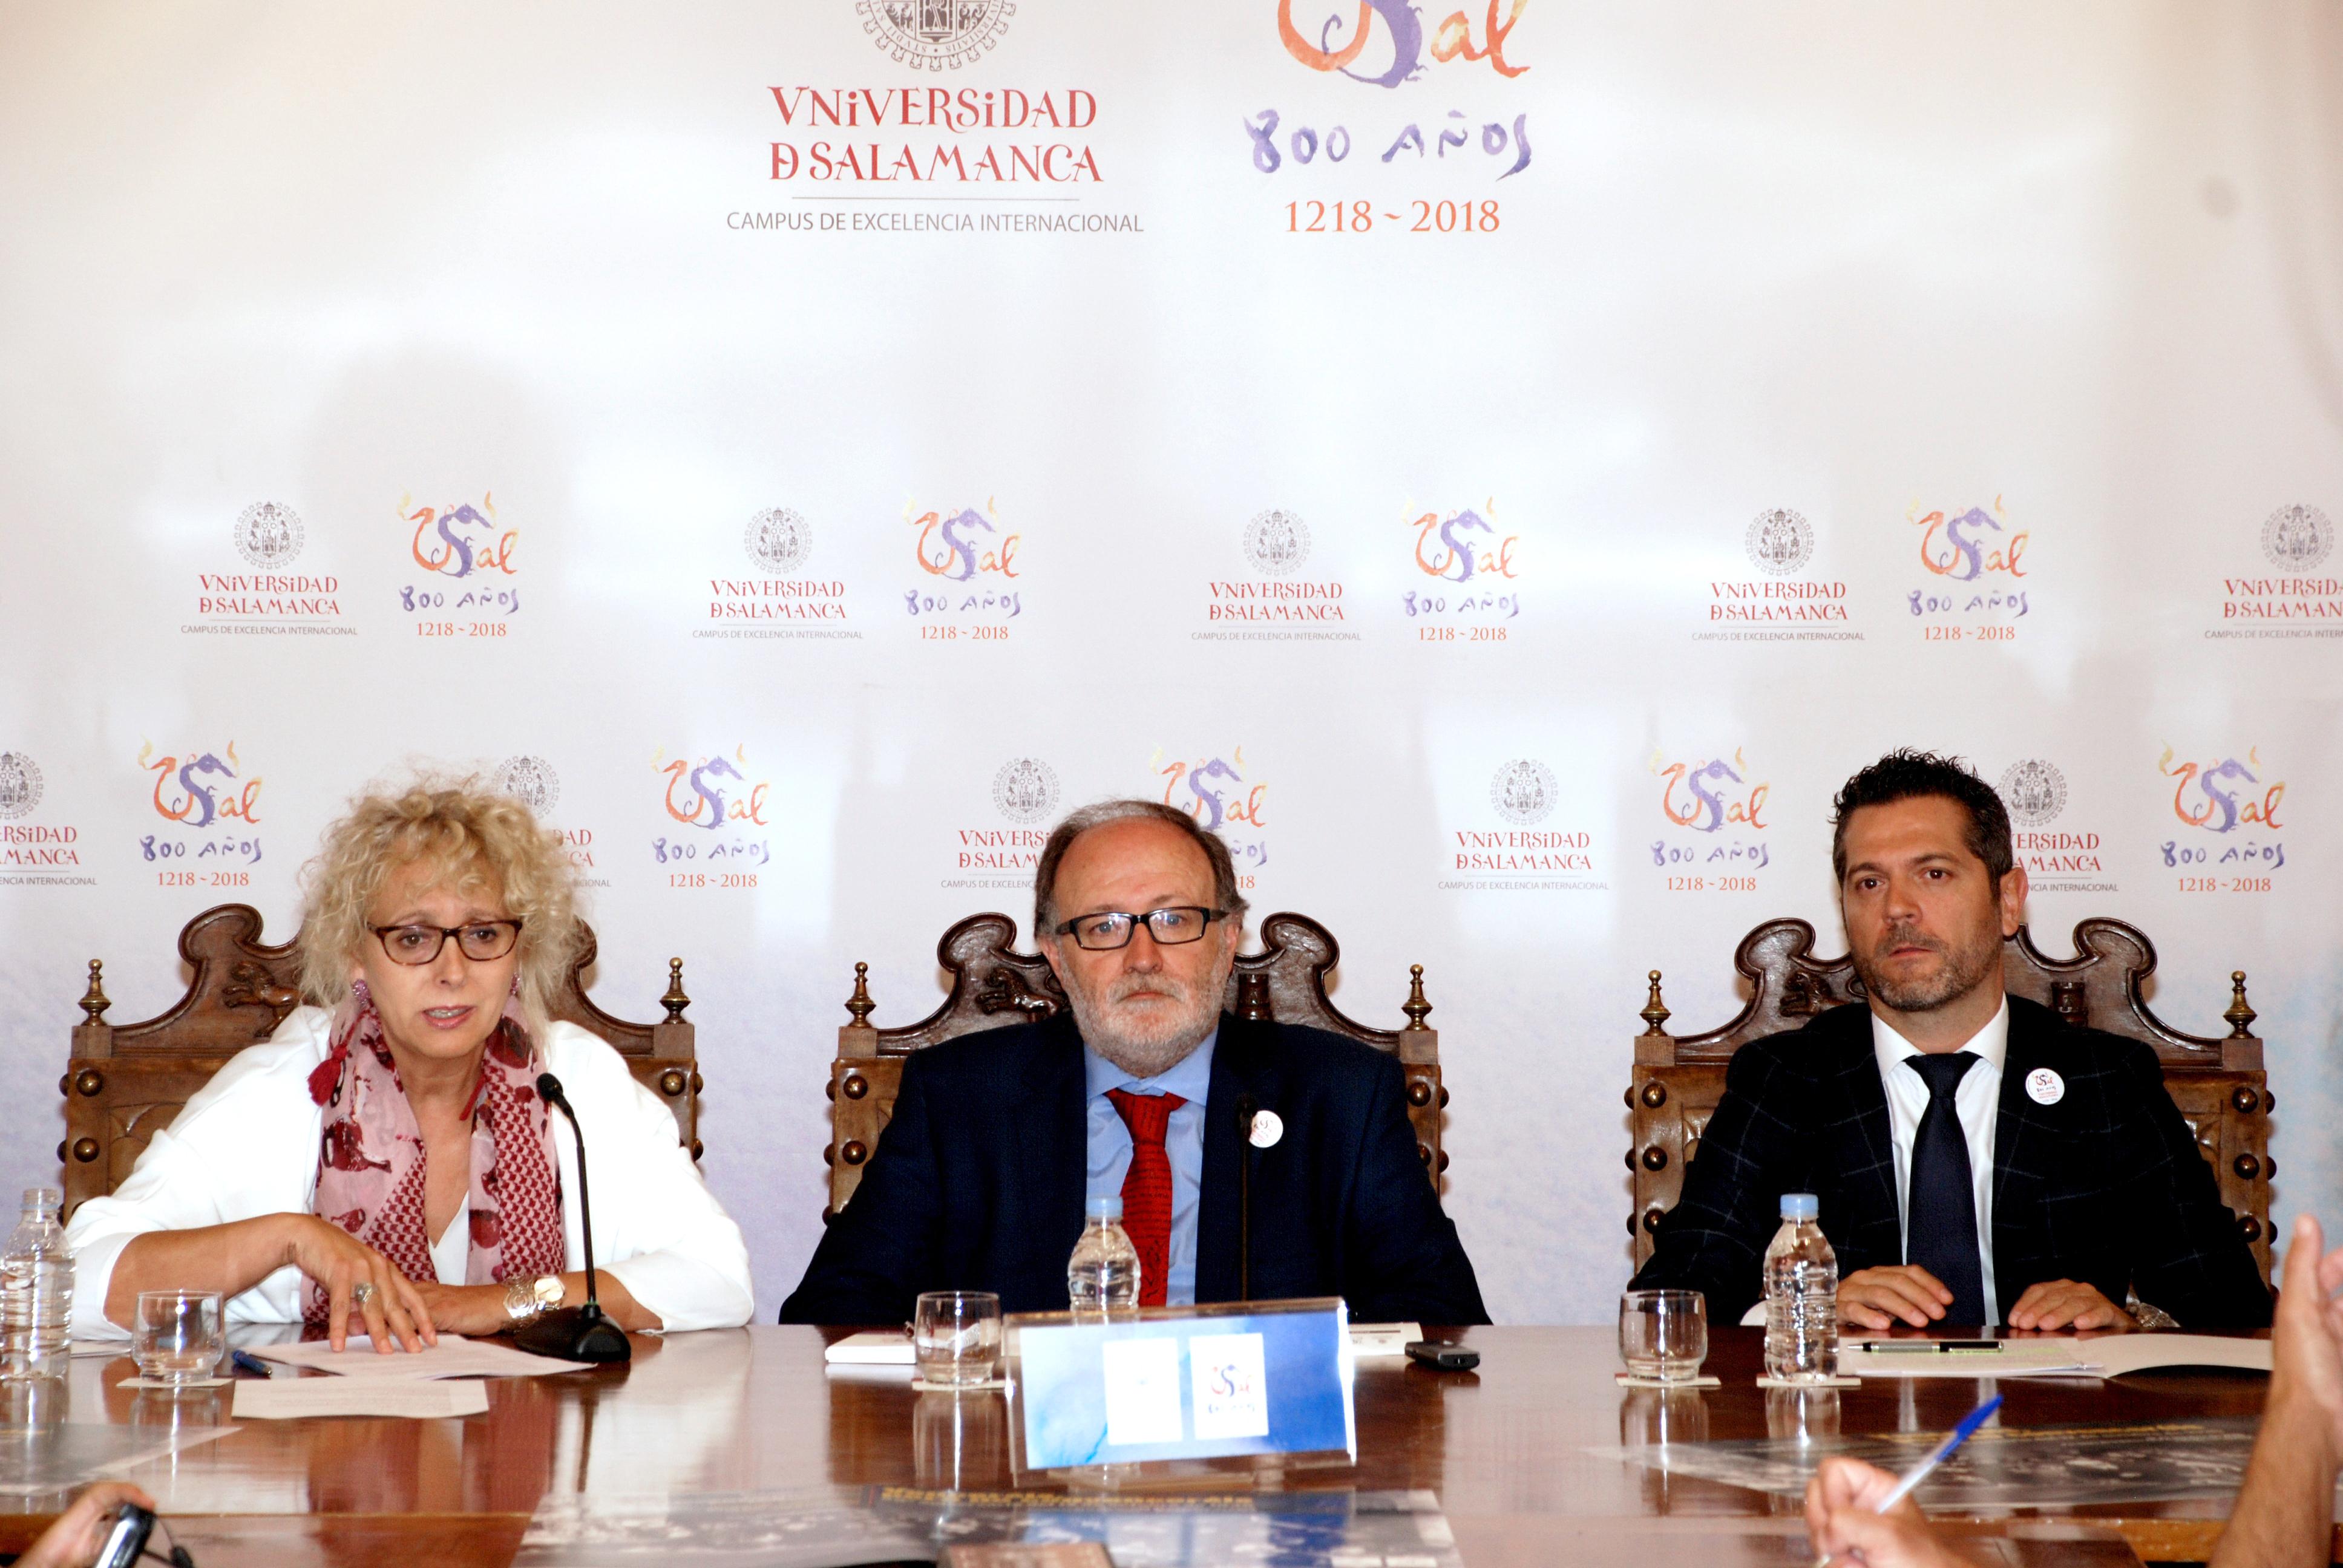 Miguel de Unamuno, protagonista de un homenaje en el 80º aniversario de su defensa de la razón y la inteligencia frente a la violencia